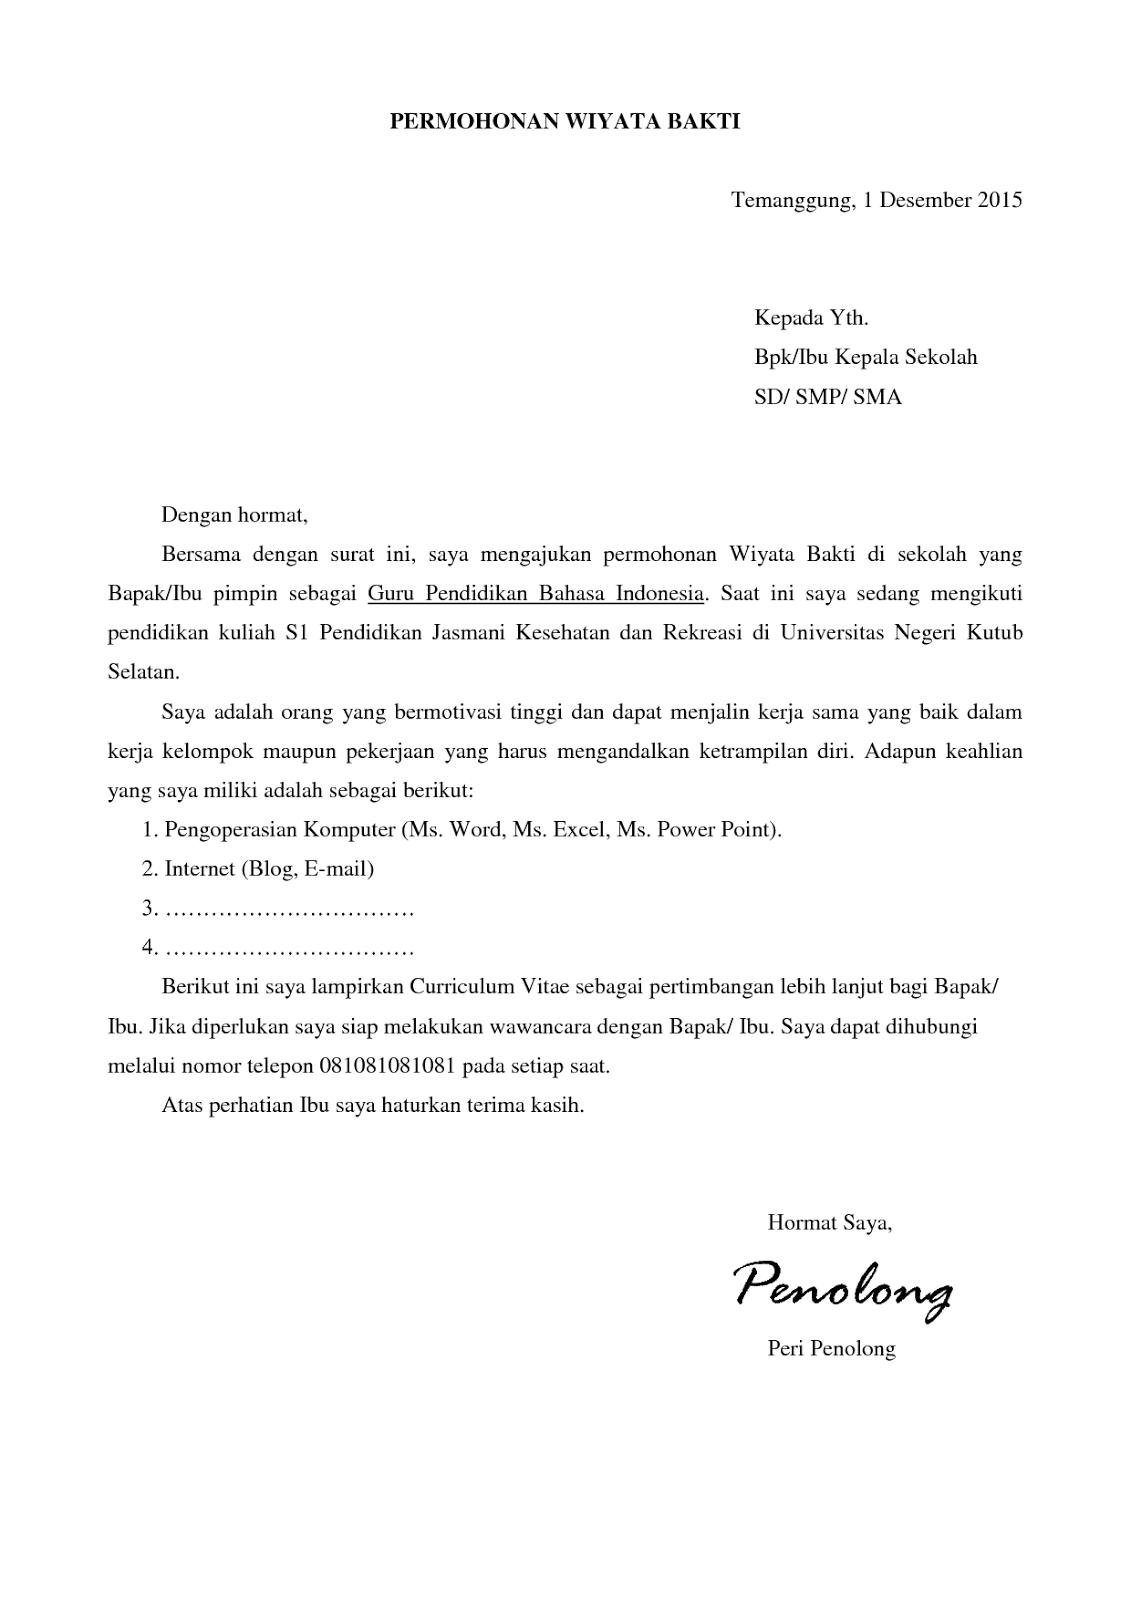 Contoh Surat Lamaran Kerja Dalam Bahasa Inggris Dan Terjemahannya Aneka Contoh Cute766